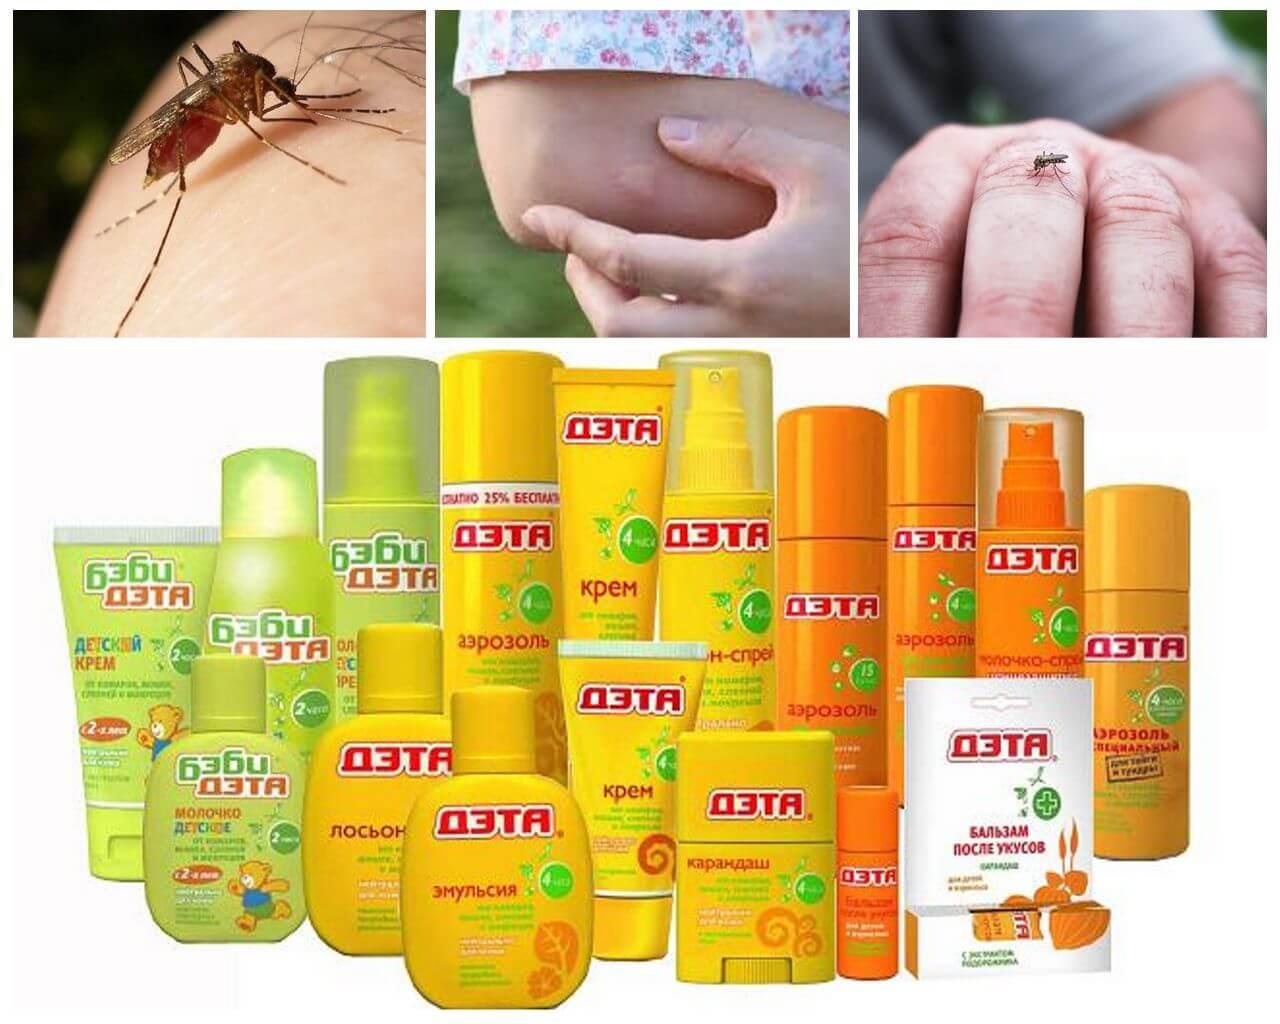 Дэта жидкость от комаров, 30 мл